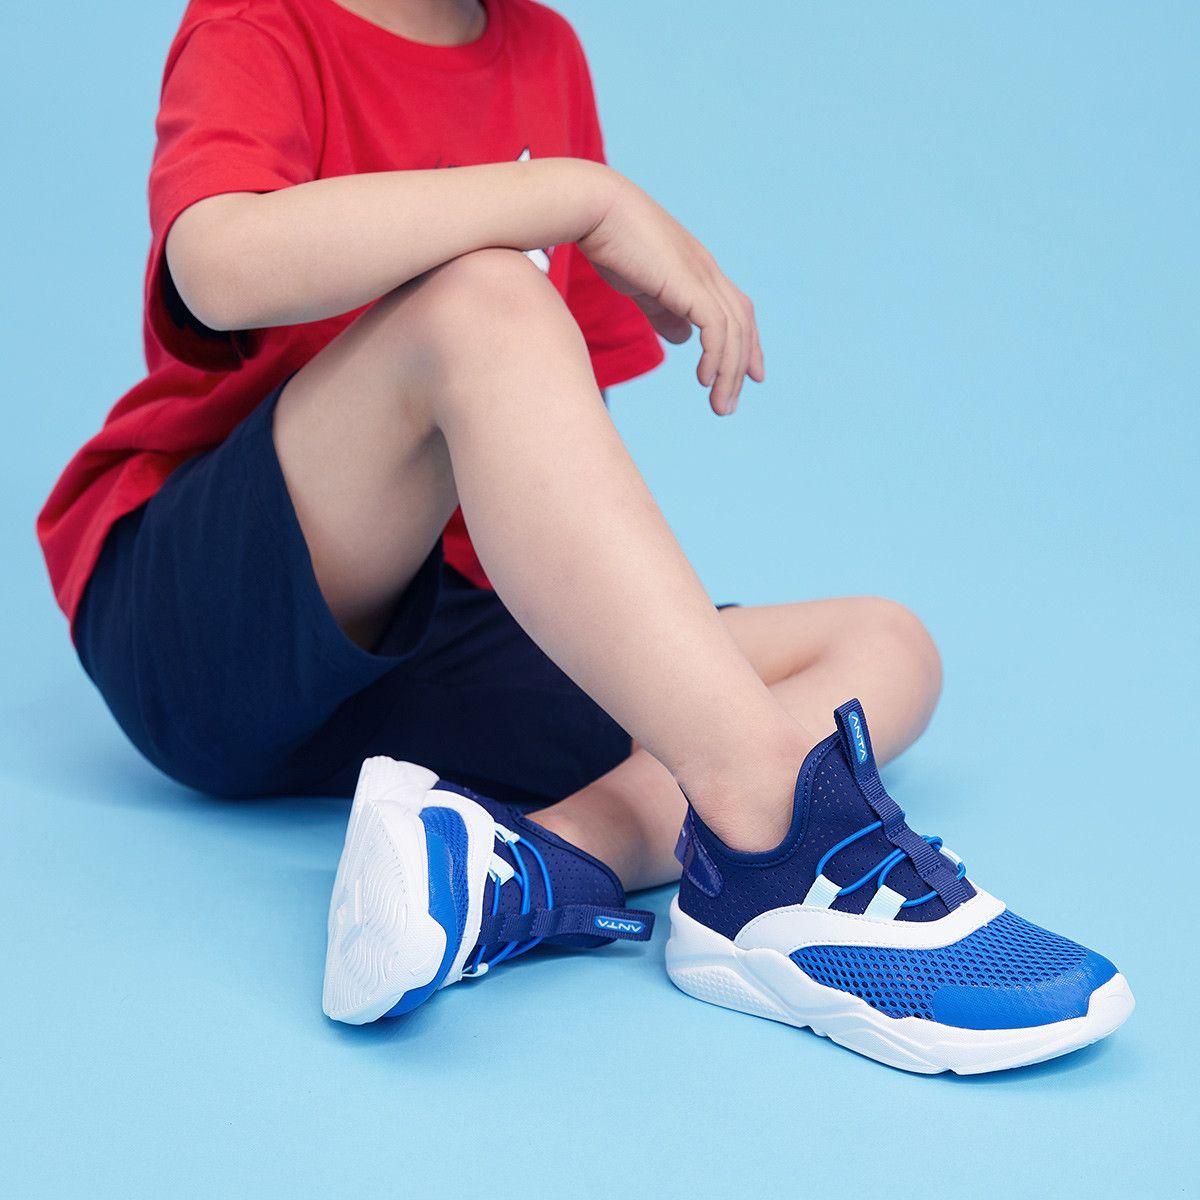 拼多多童鞋销冠!安踏 儿童 2021新款轻质透气跑鞋